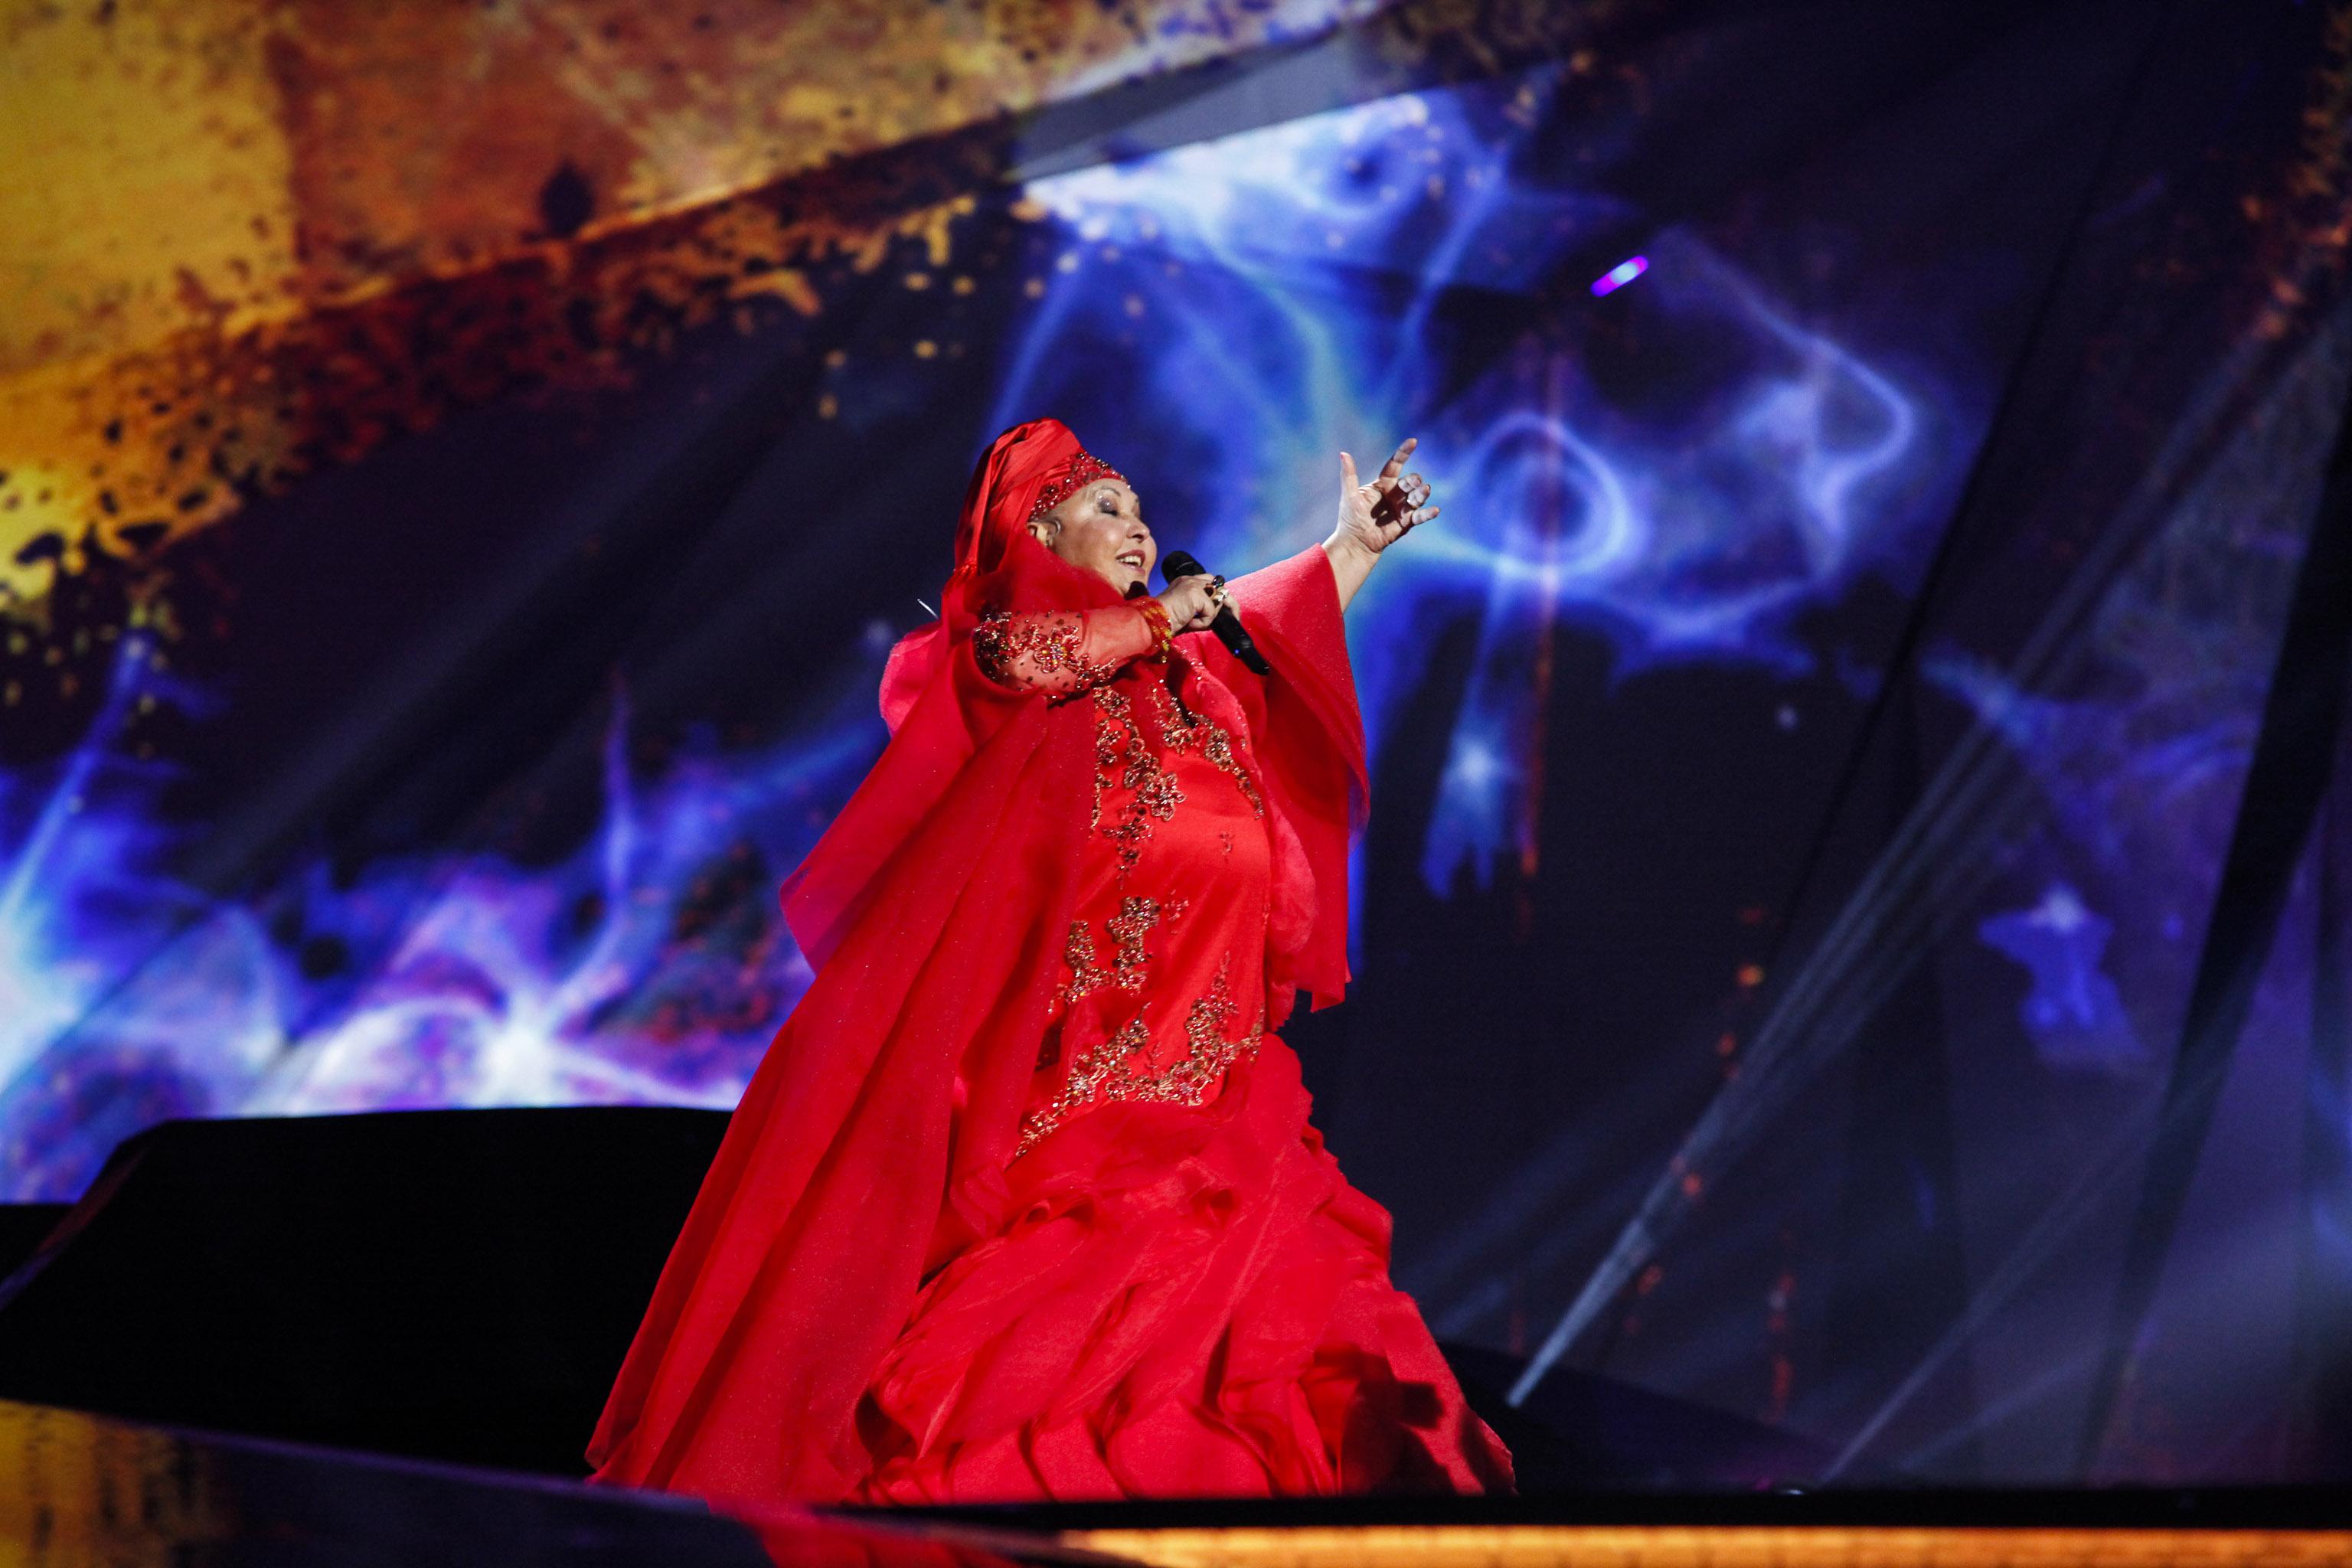 Malme, Svedska Evrosong Eurosong 2013. Evrovizija Esma Redzepova